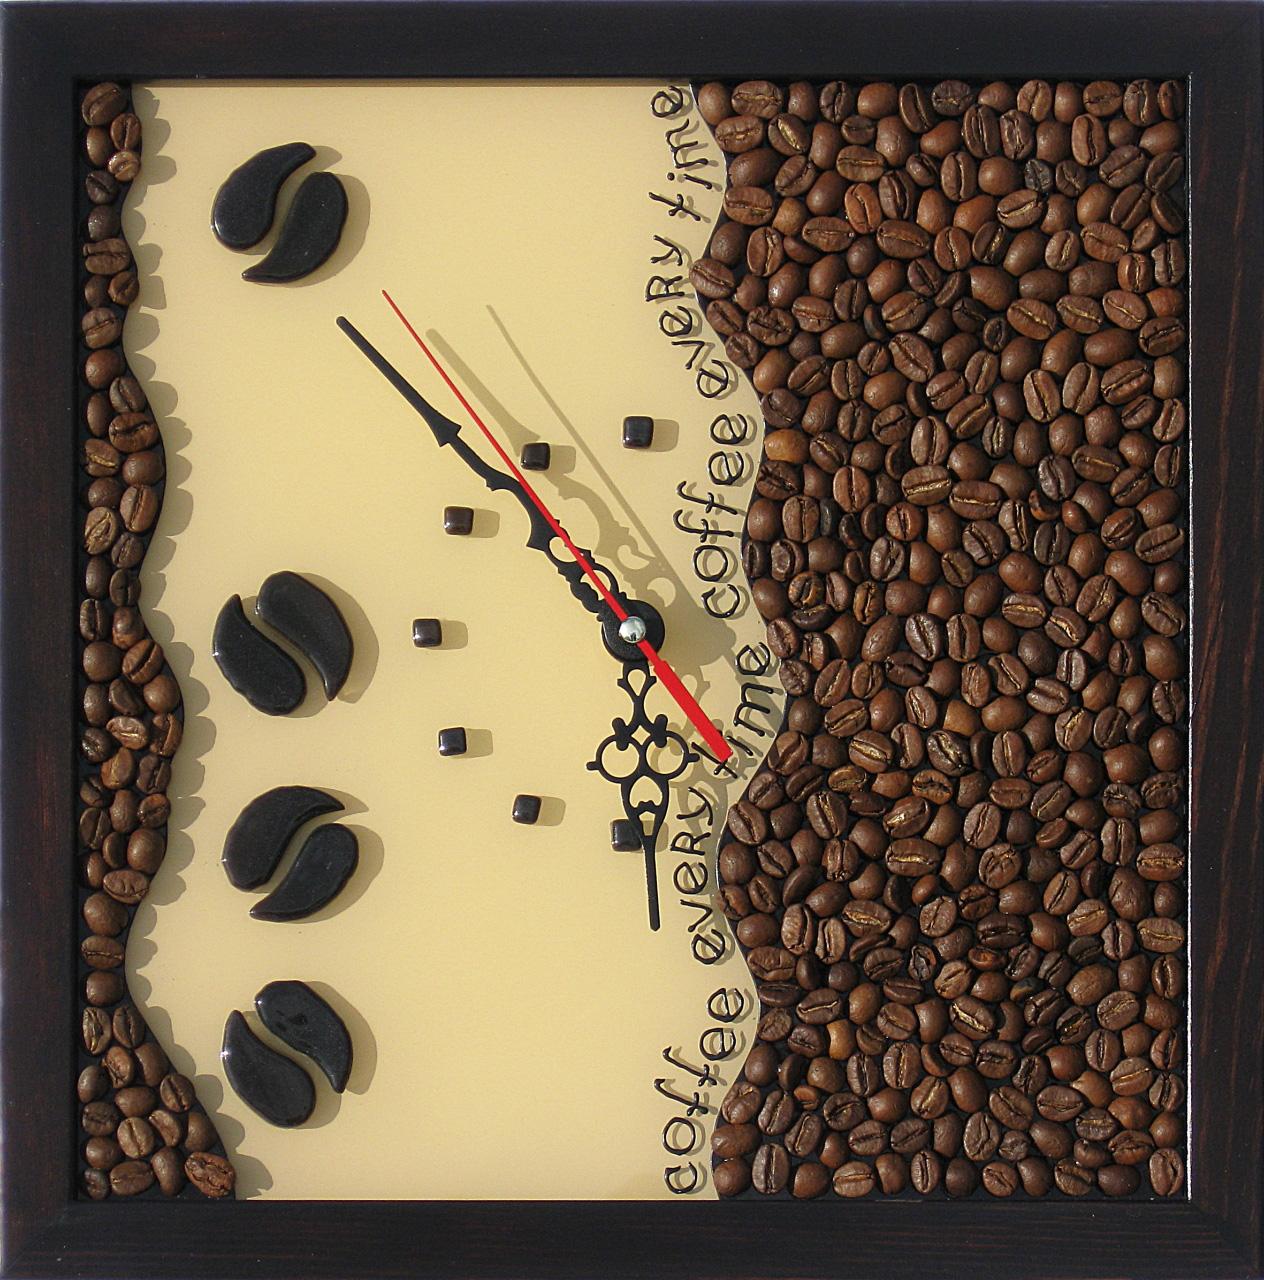 Часы кофе своими руками фото